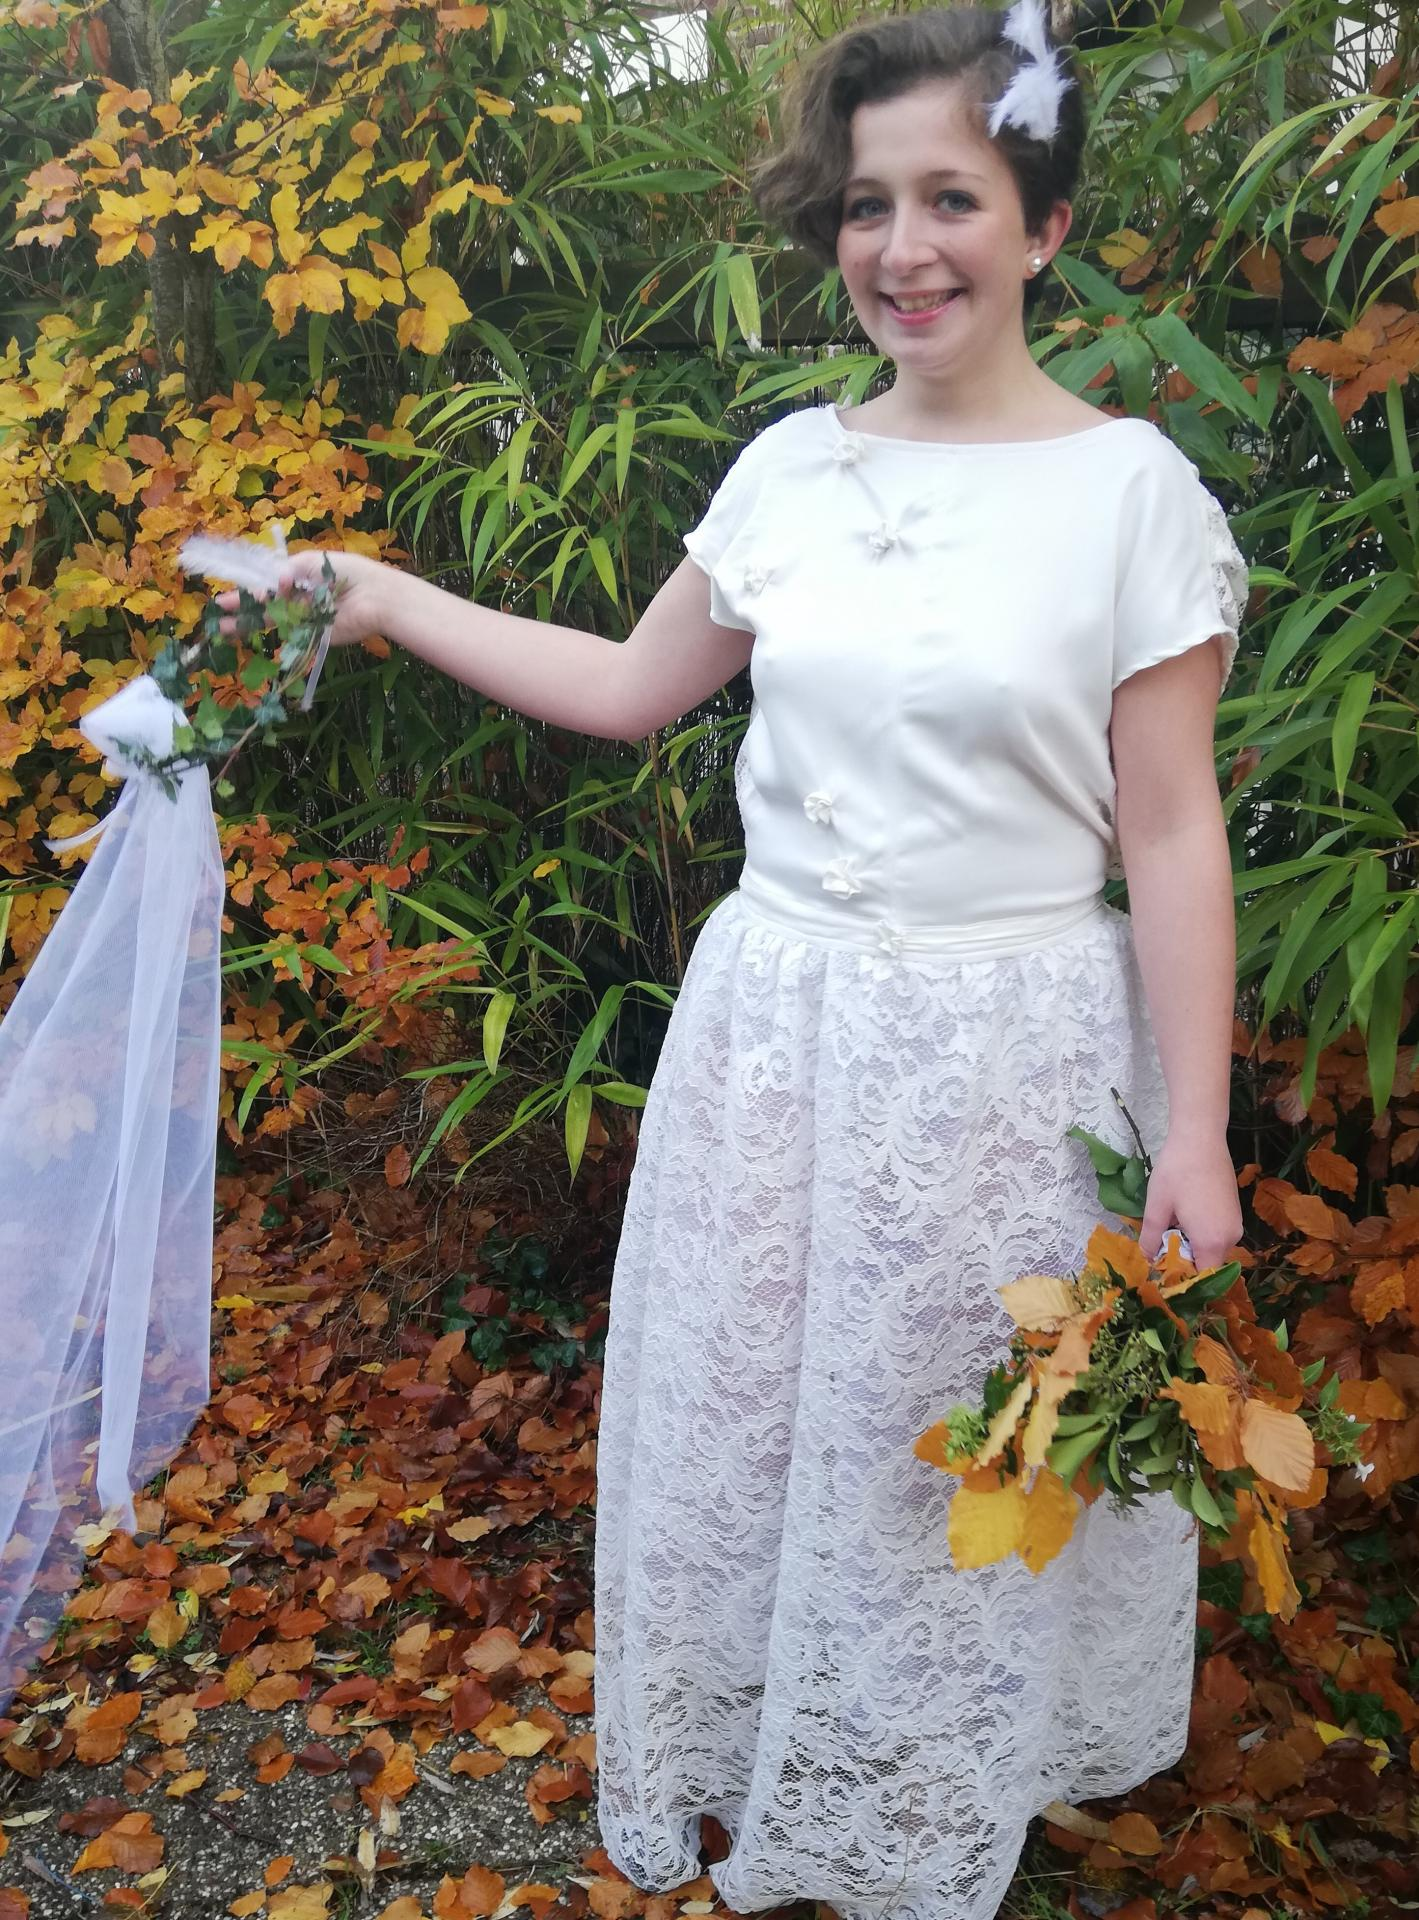 Robe de mariee reversible dentelle tulle et viscose rose faconnee a la main avec un coeur de nacre couronne fleurs et plumes fifi au jardin pose 20